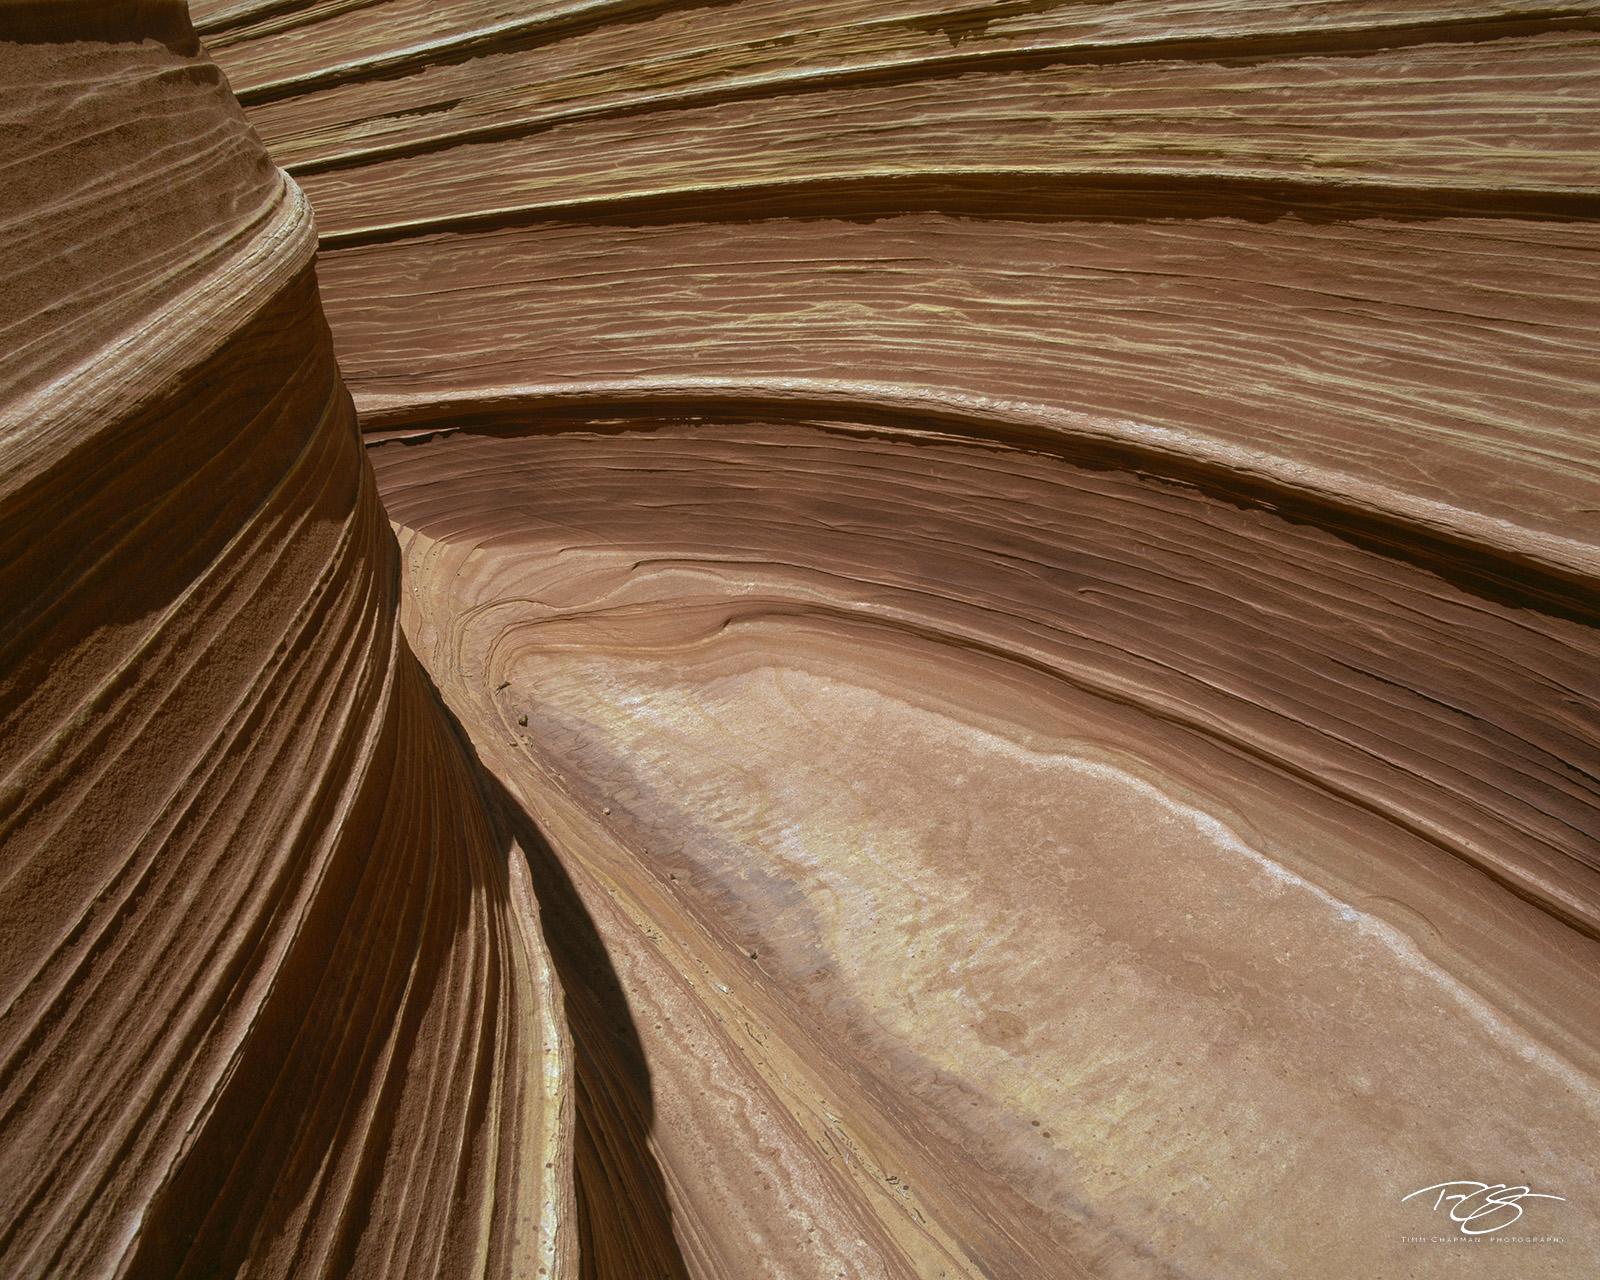 Arizona, Vermillion Cliffs, vermillion cliffs wilderness, coyote buttes, the wave, northern arizona, striated sandstone, geology, layered rock, photo